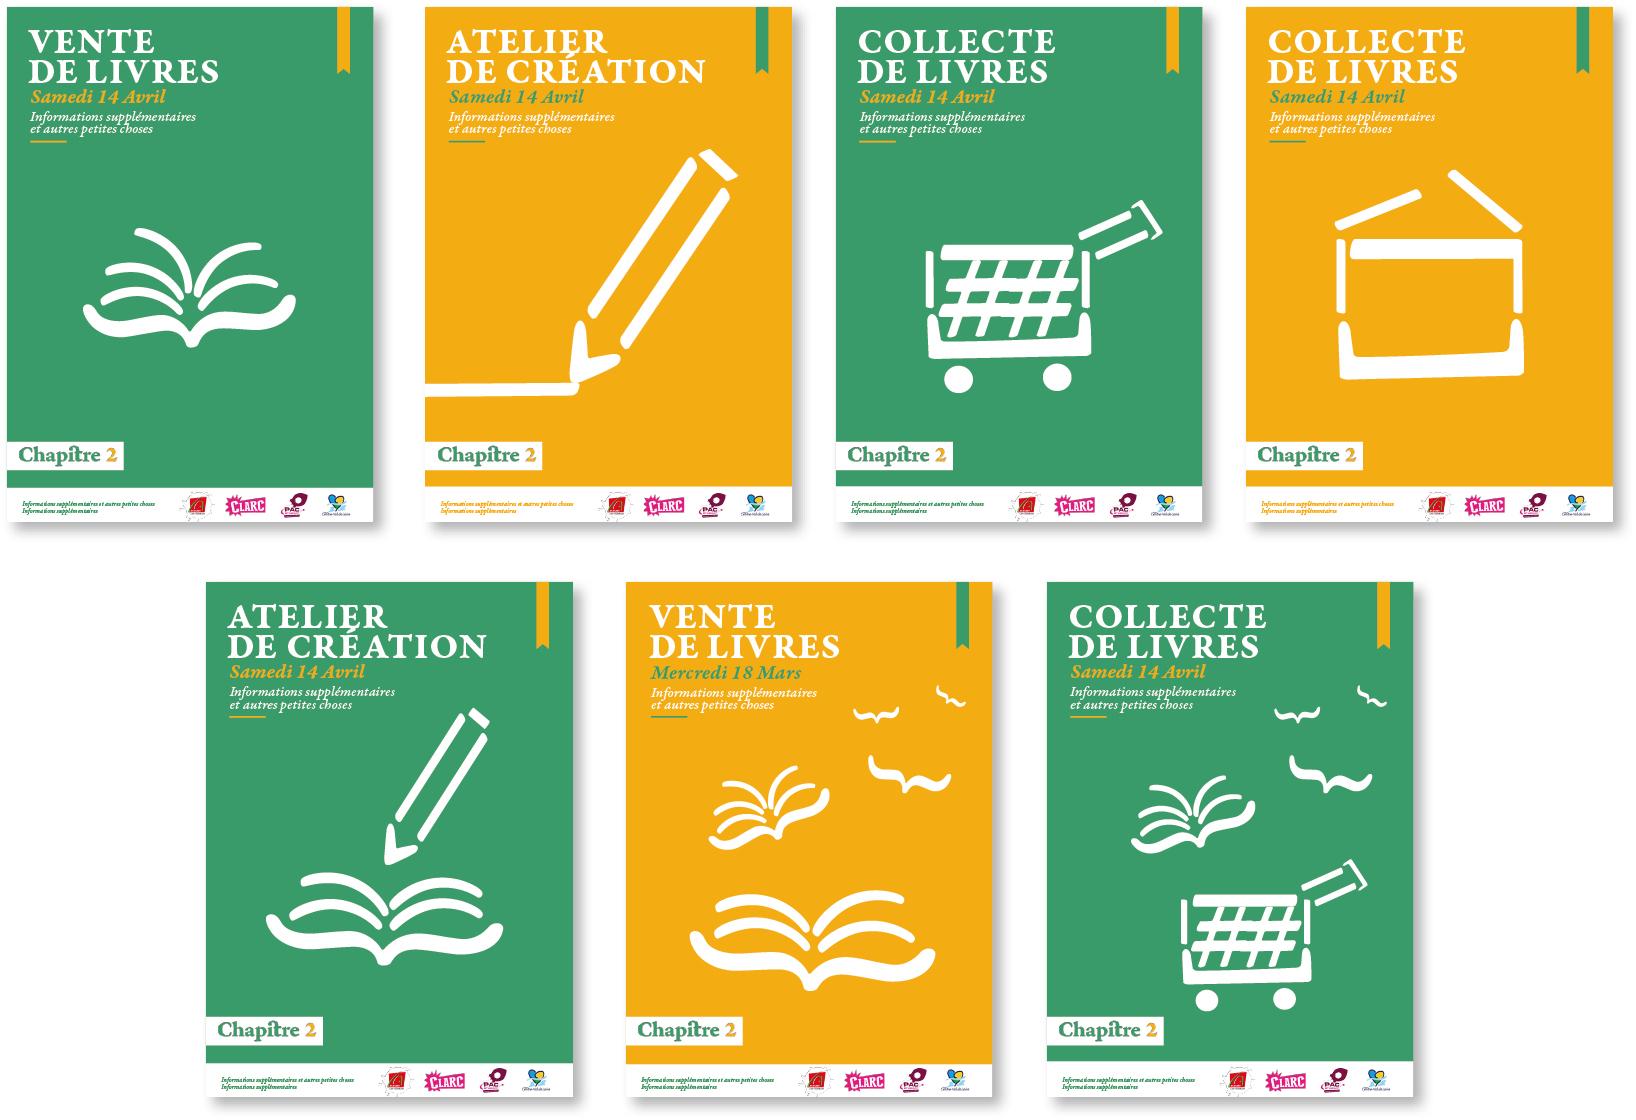 affiche et jeux typographique pour l'association chapitre 2